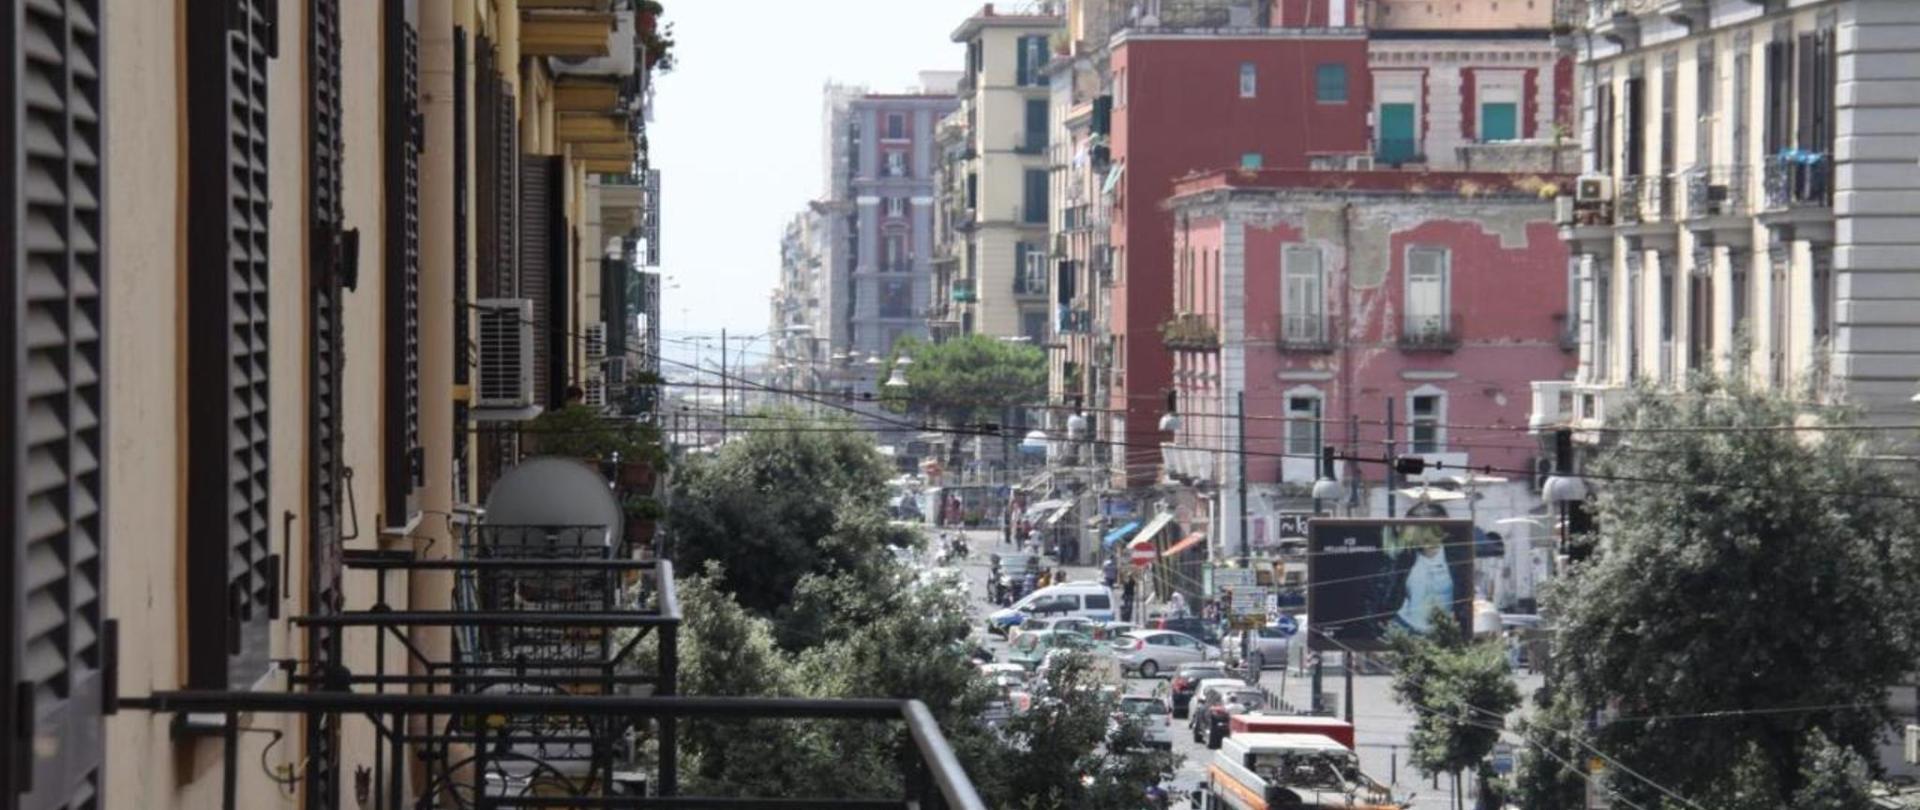 Vista di Napoli